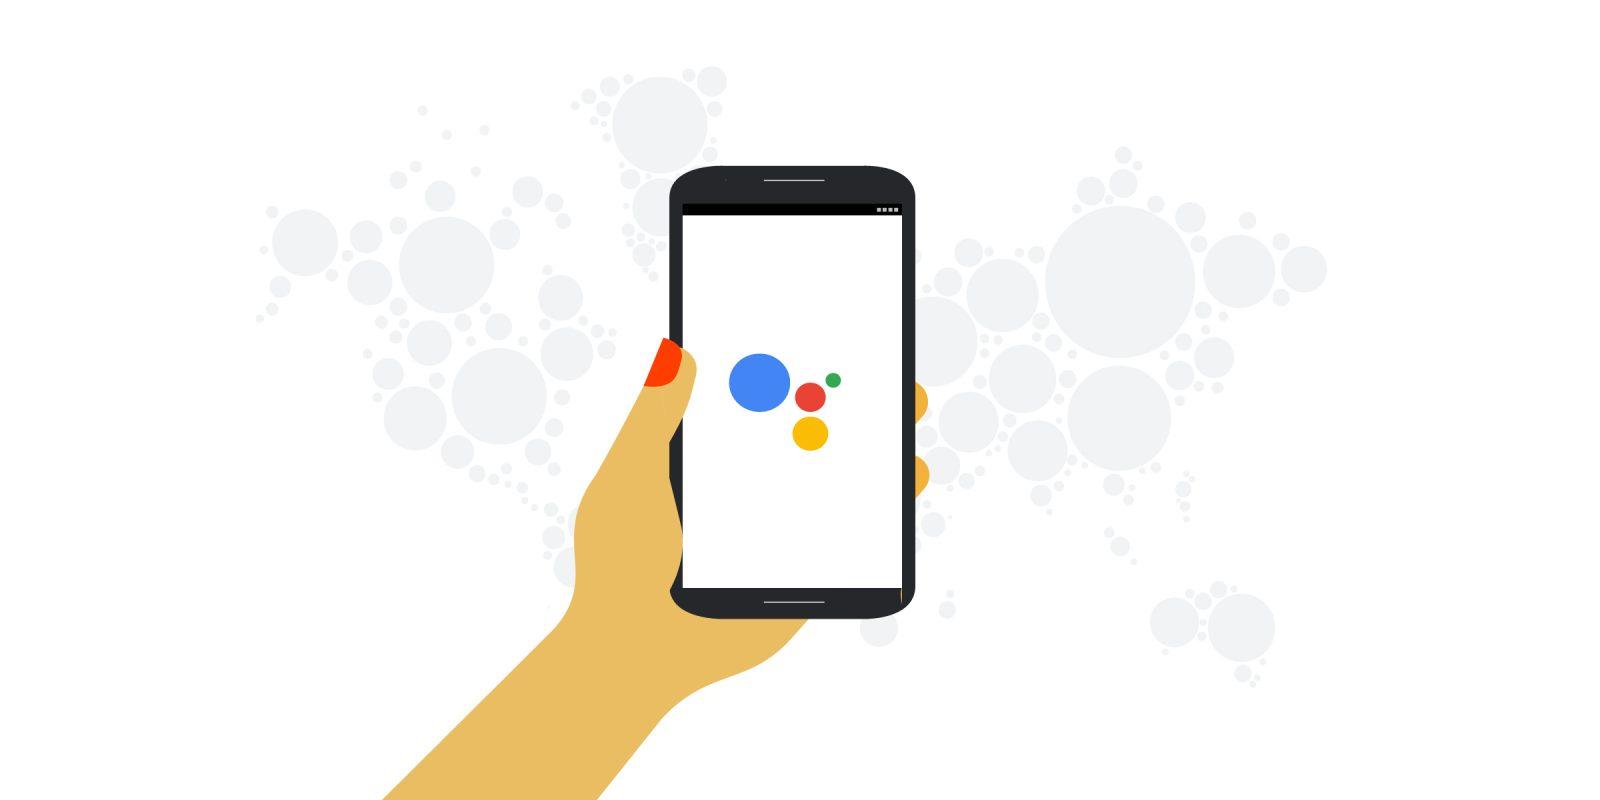 مساعد جوجل يدعم الآن قراءة رسائل واتساب وتيليجرام والمزيد وحتى الرد عليها